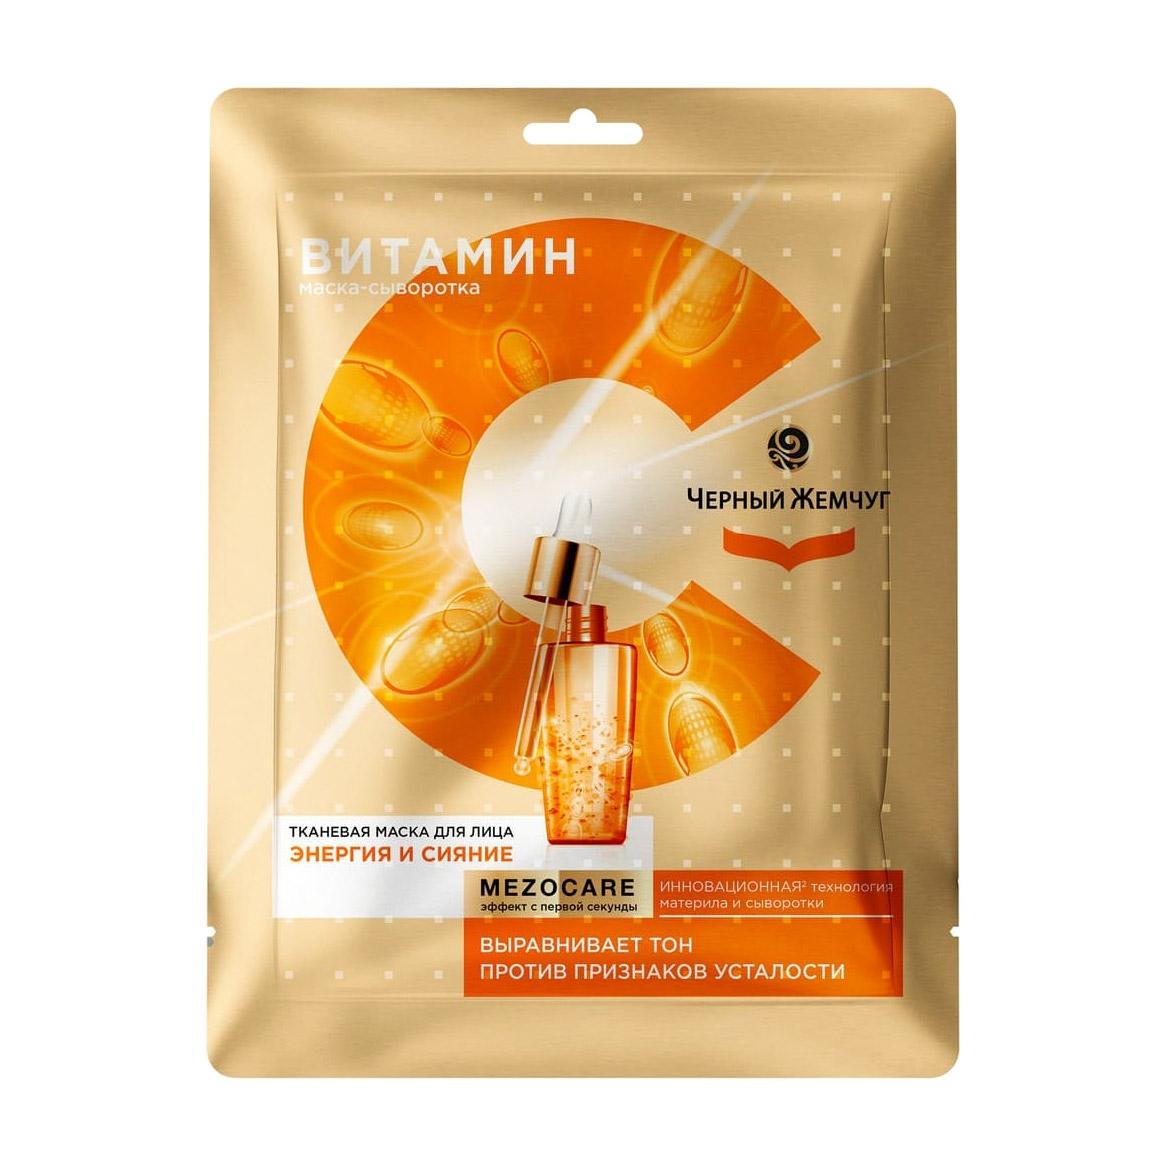 Тканевая маска для лица Черный Жемчуг с витамином С недорого